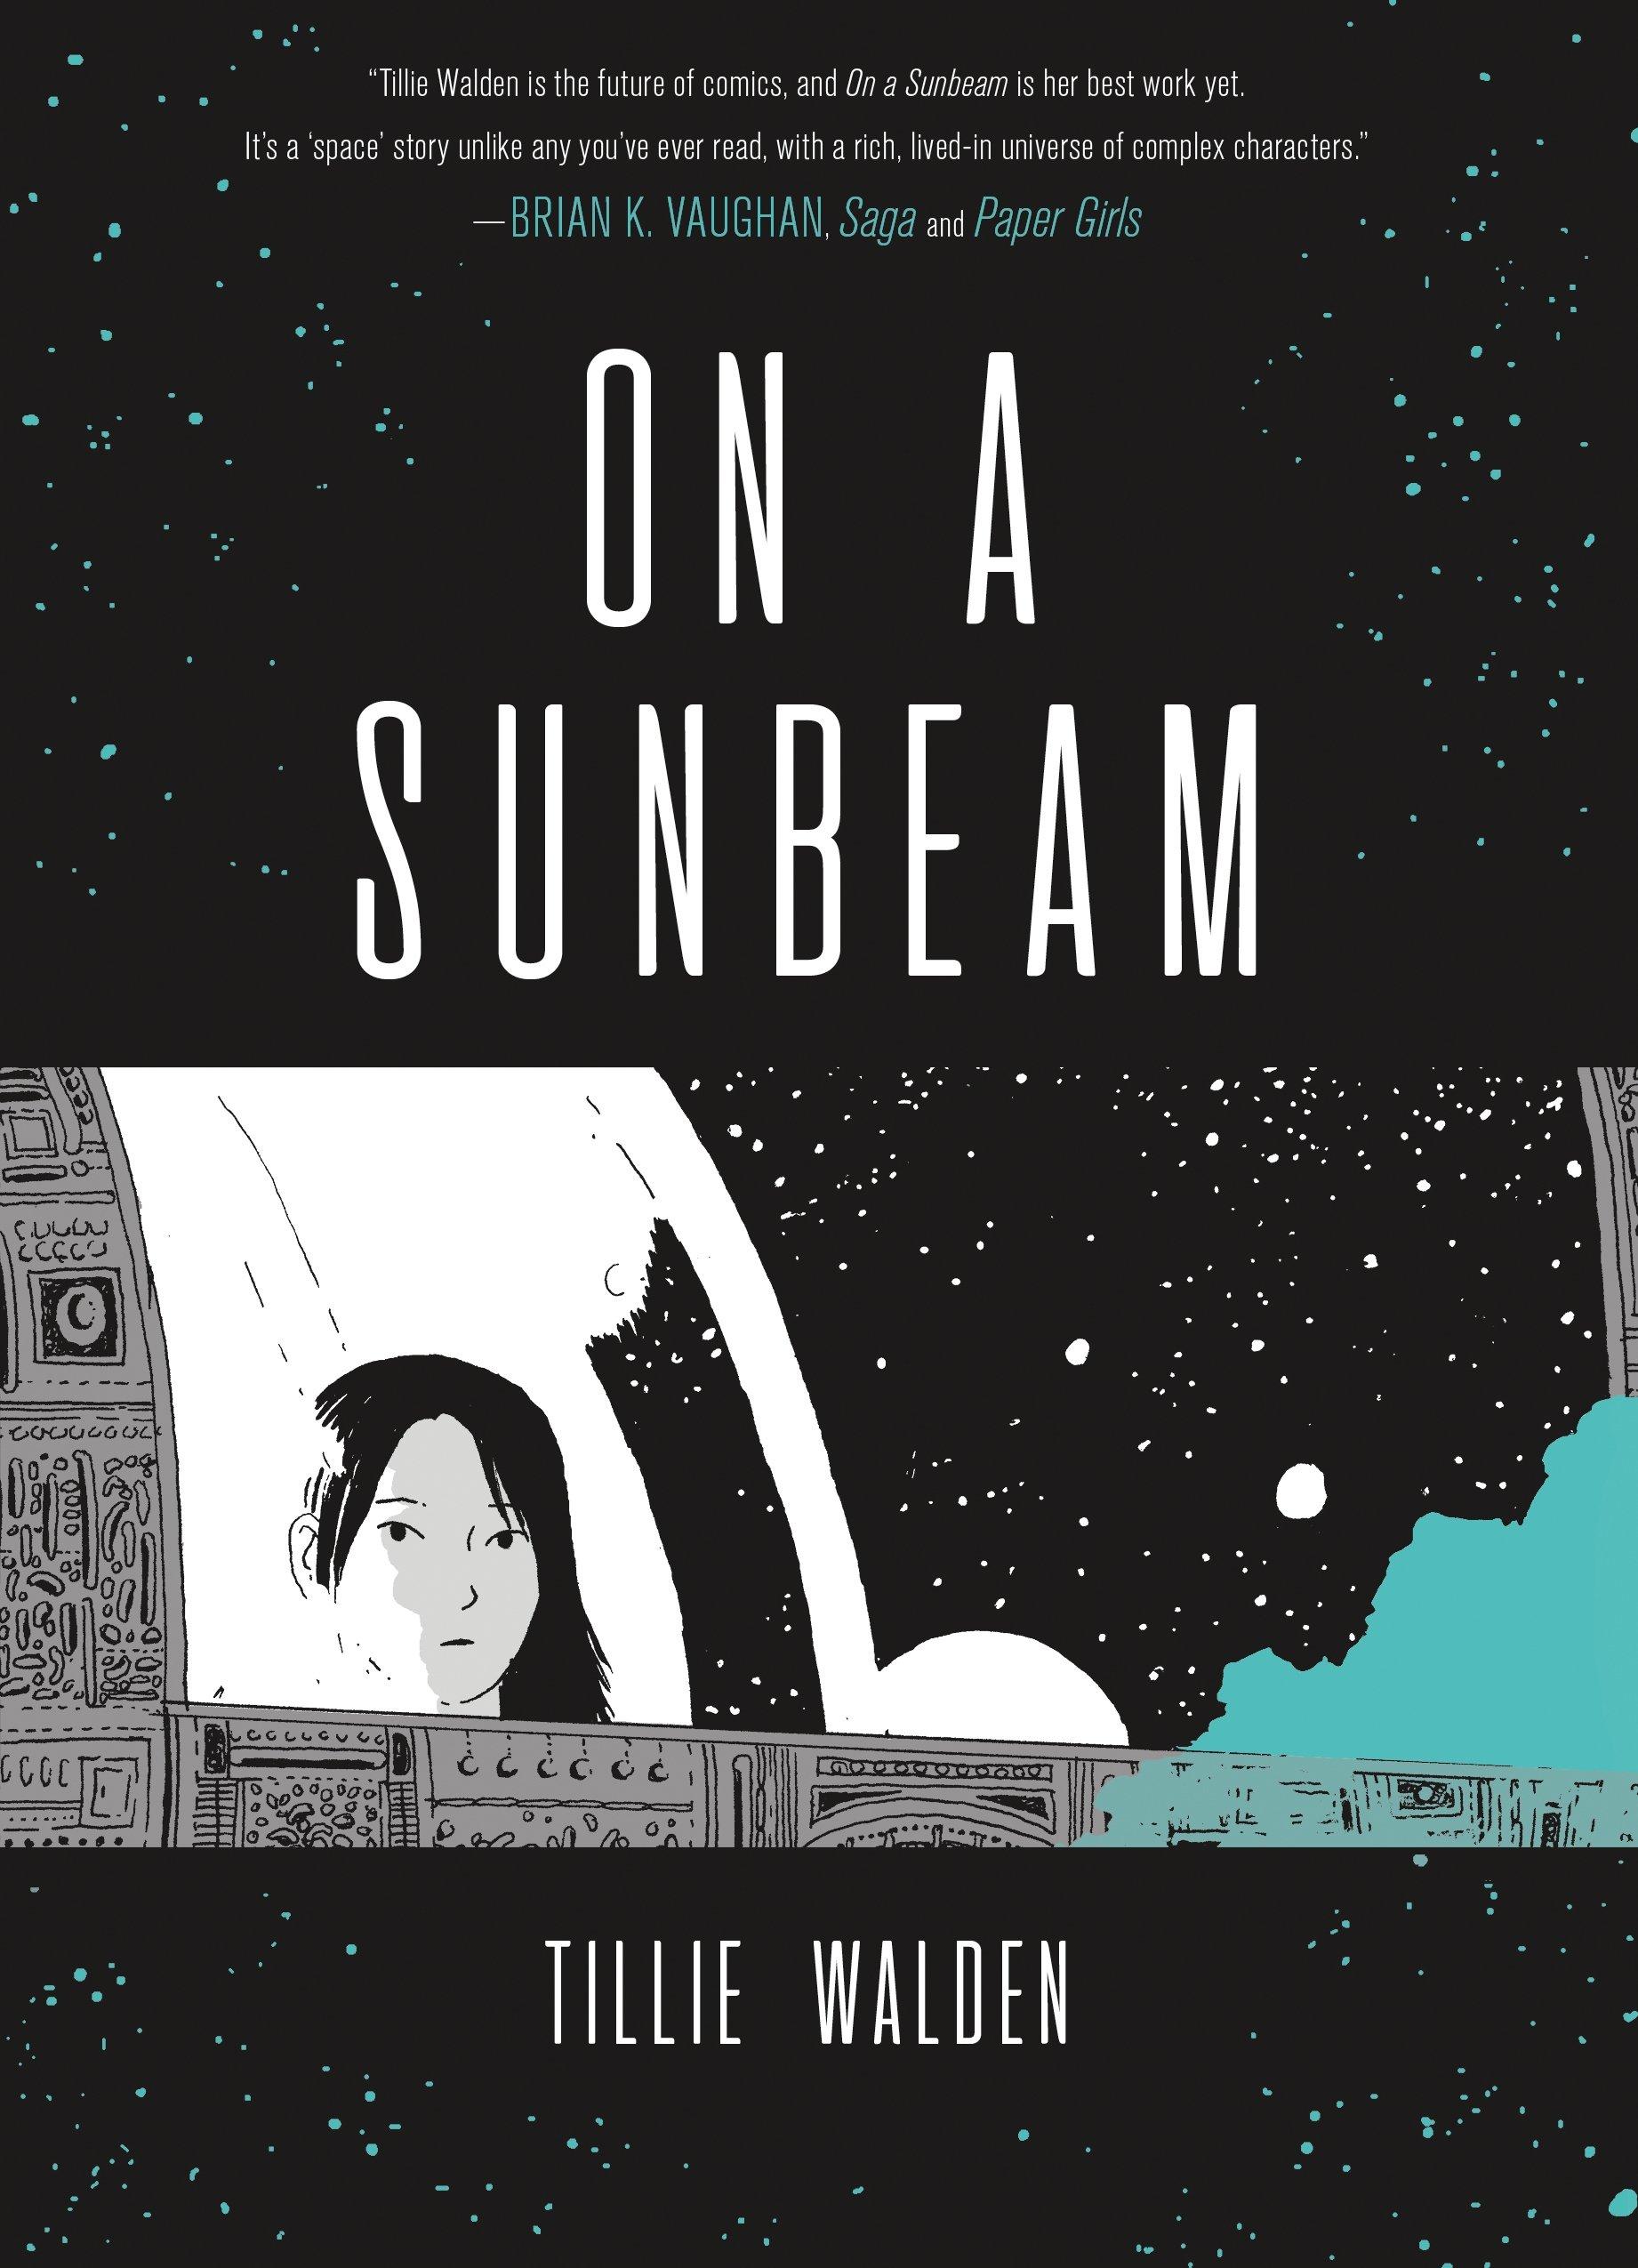 Amazon.com: On a Sunbeam: 9781250178138: Walden, Tillie: Books